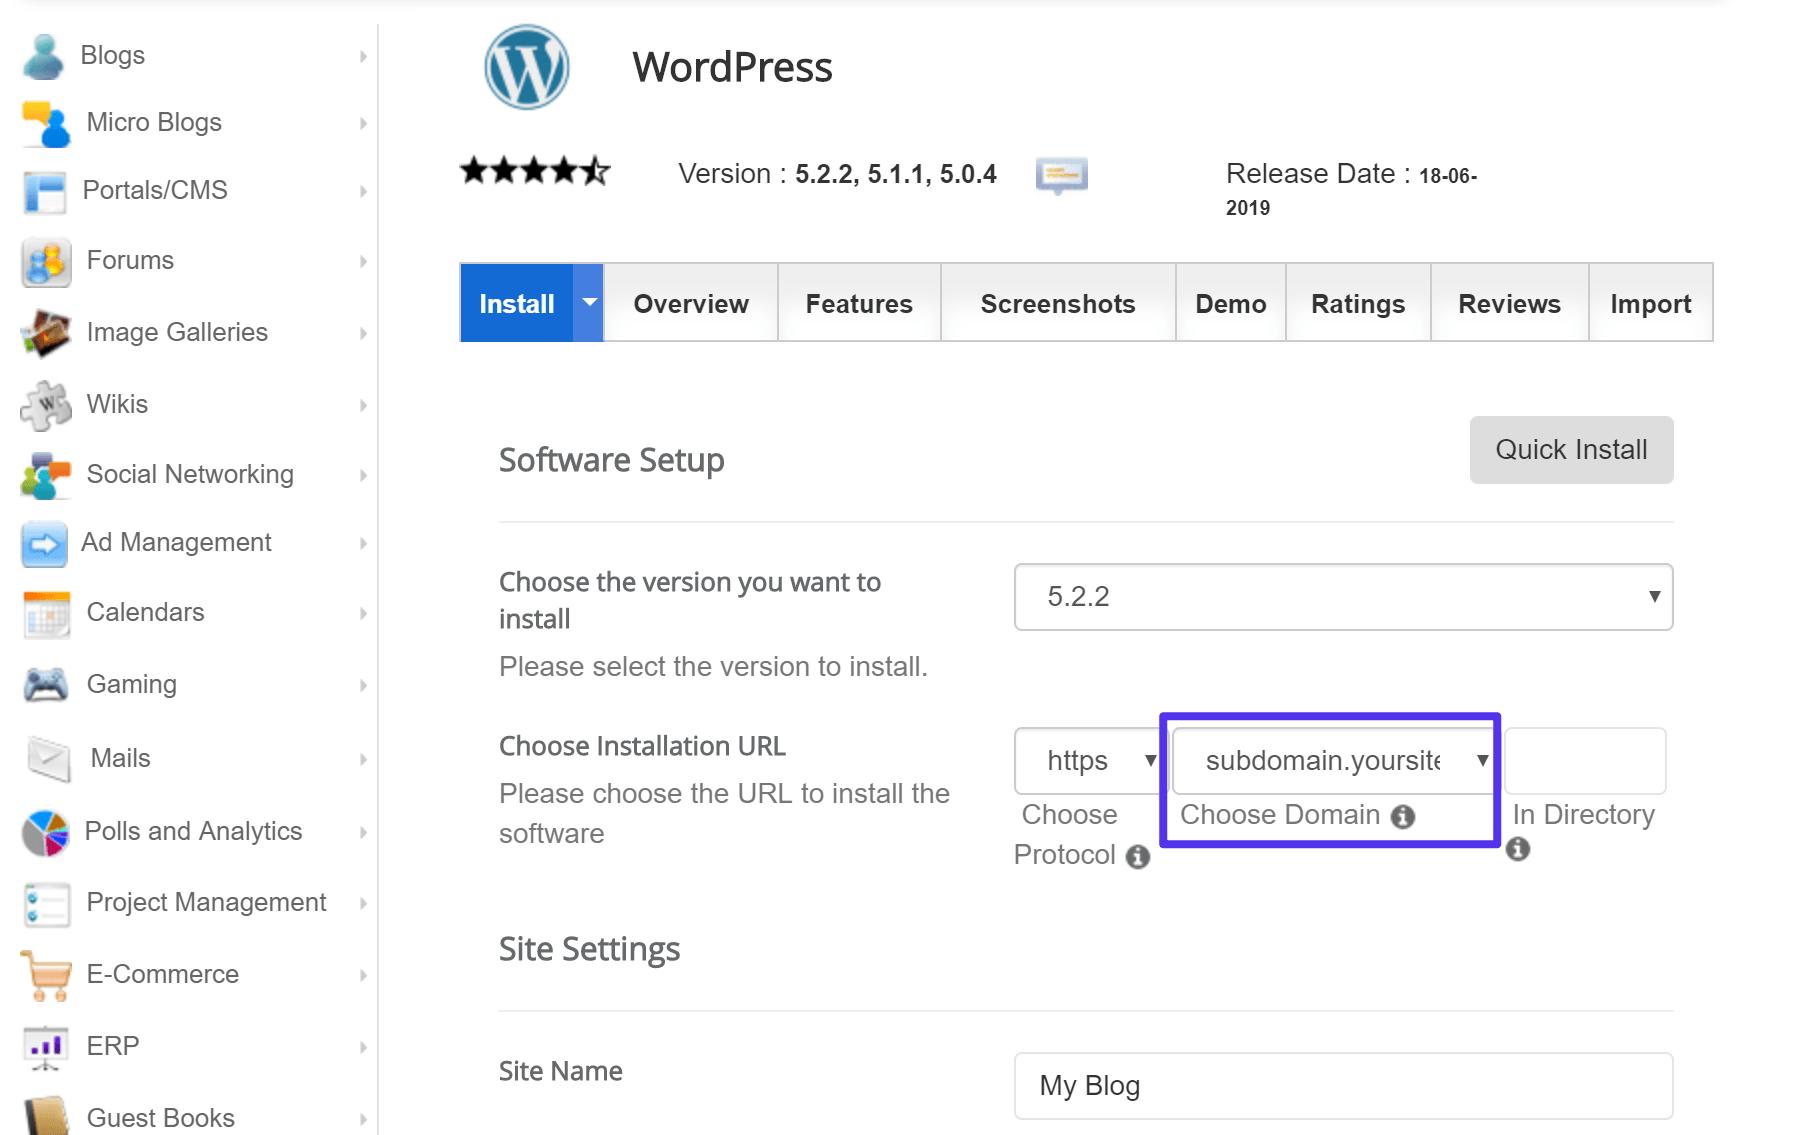 Sådan installeres WordPress på et underdomæne med en auto-installatør